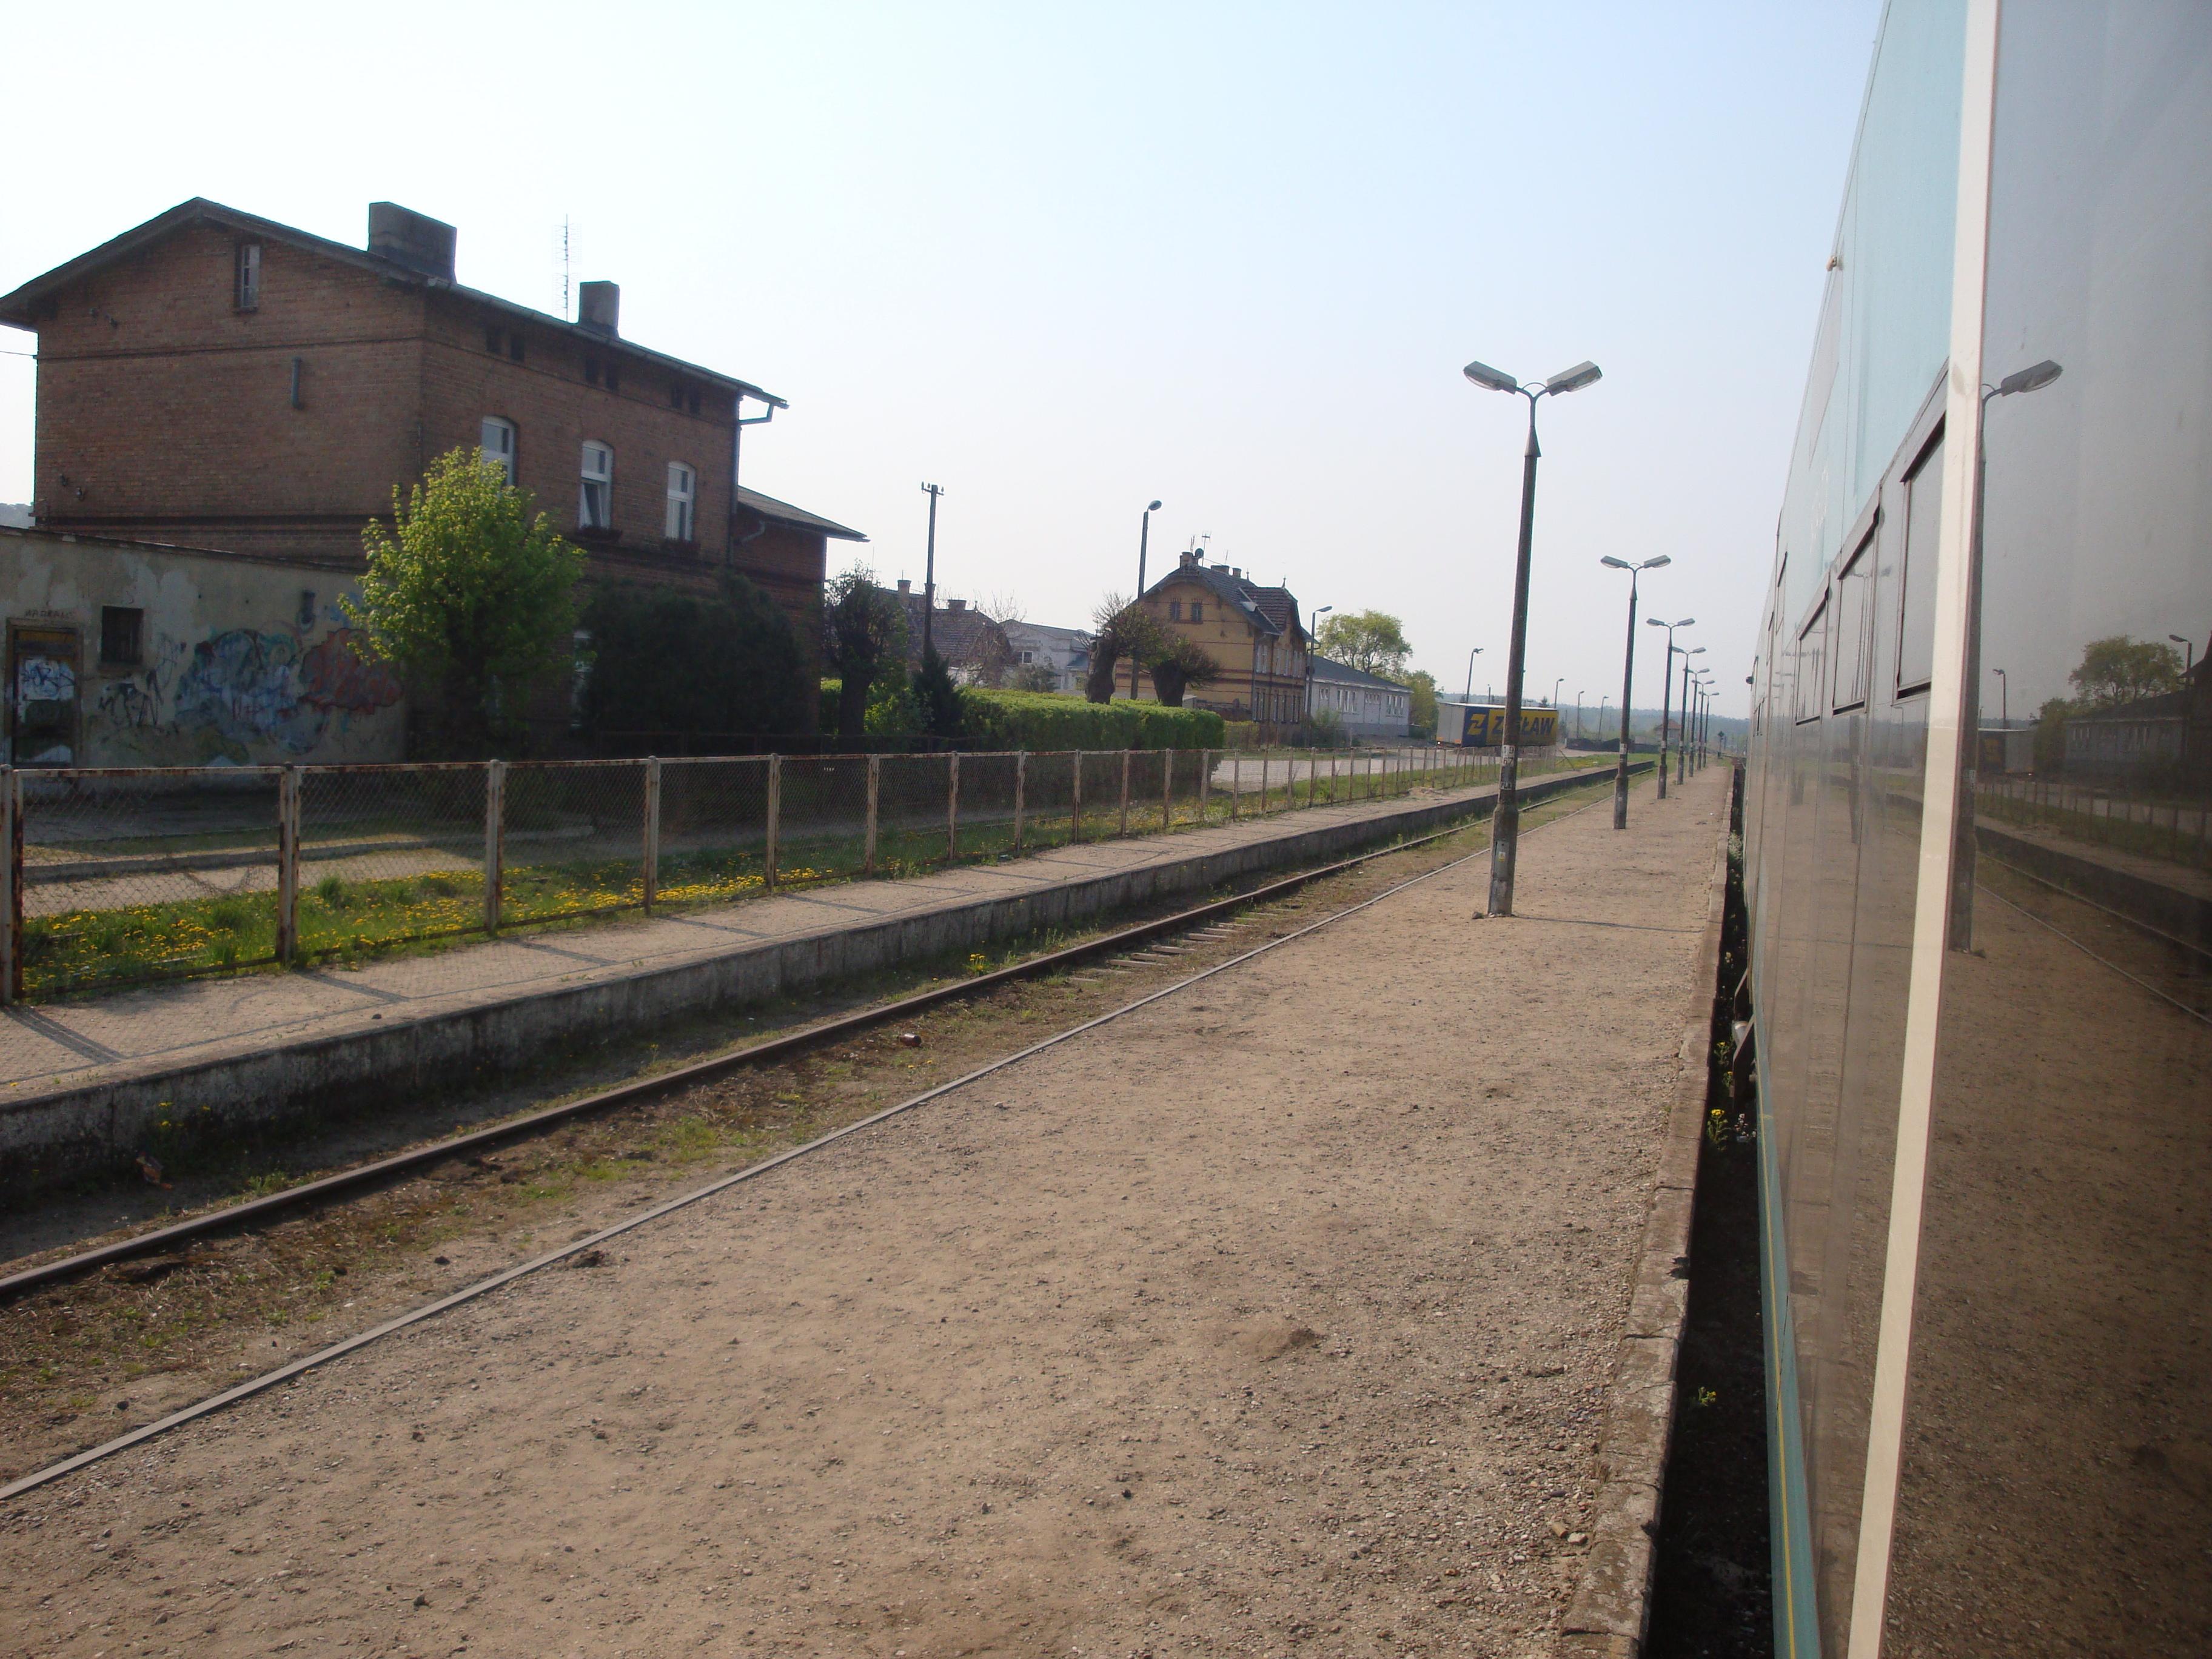 Station Ryjewo